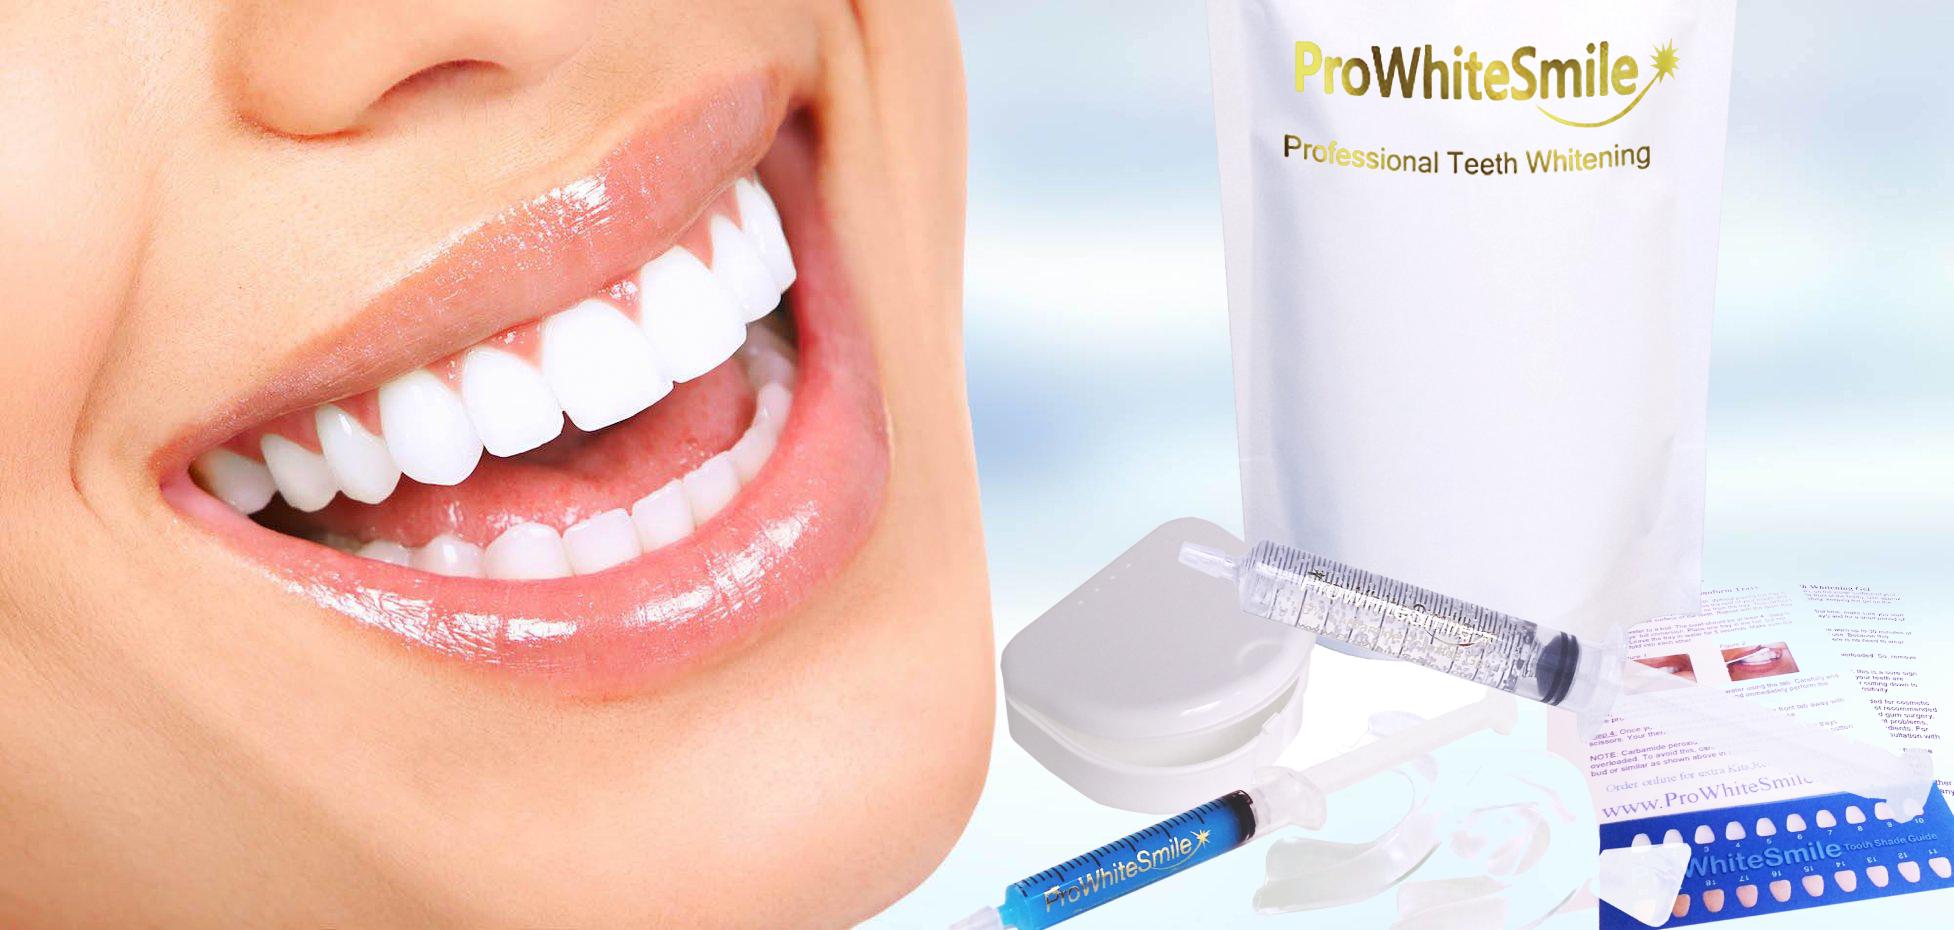 Prowhitesmile Best Teeth Whitening Gel Kits Tooth Bleaching Gel